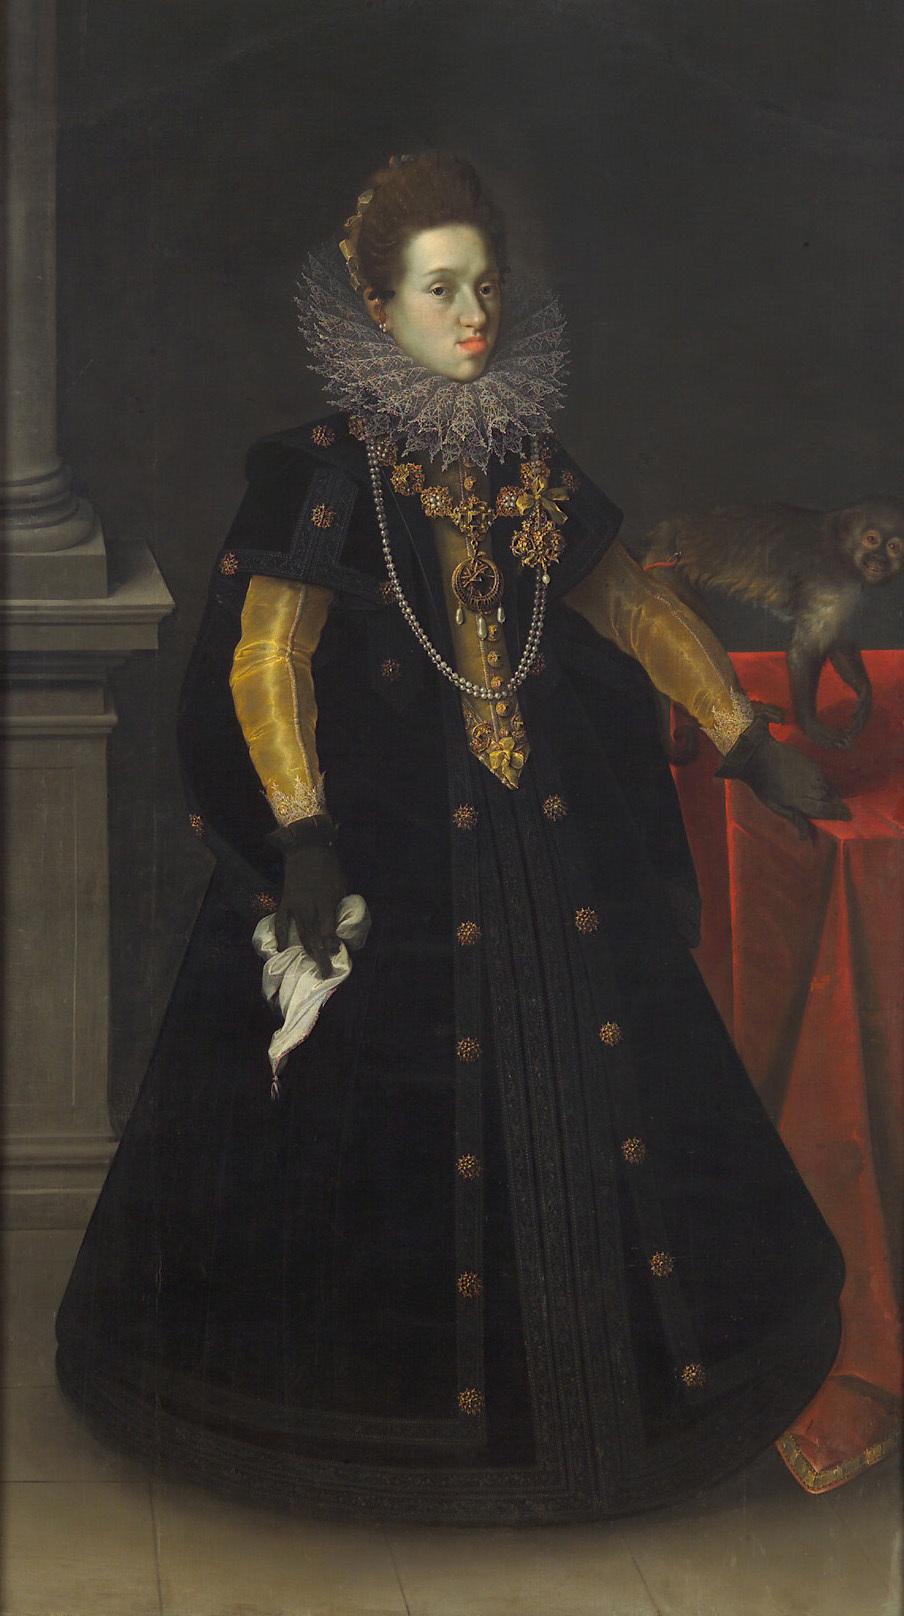 Erzherzogin Konstanze (1588-1631), Königin von Polen, mit einer Meerkatze von Joseph Heintz d. Ä.